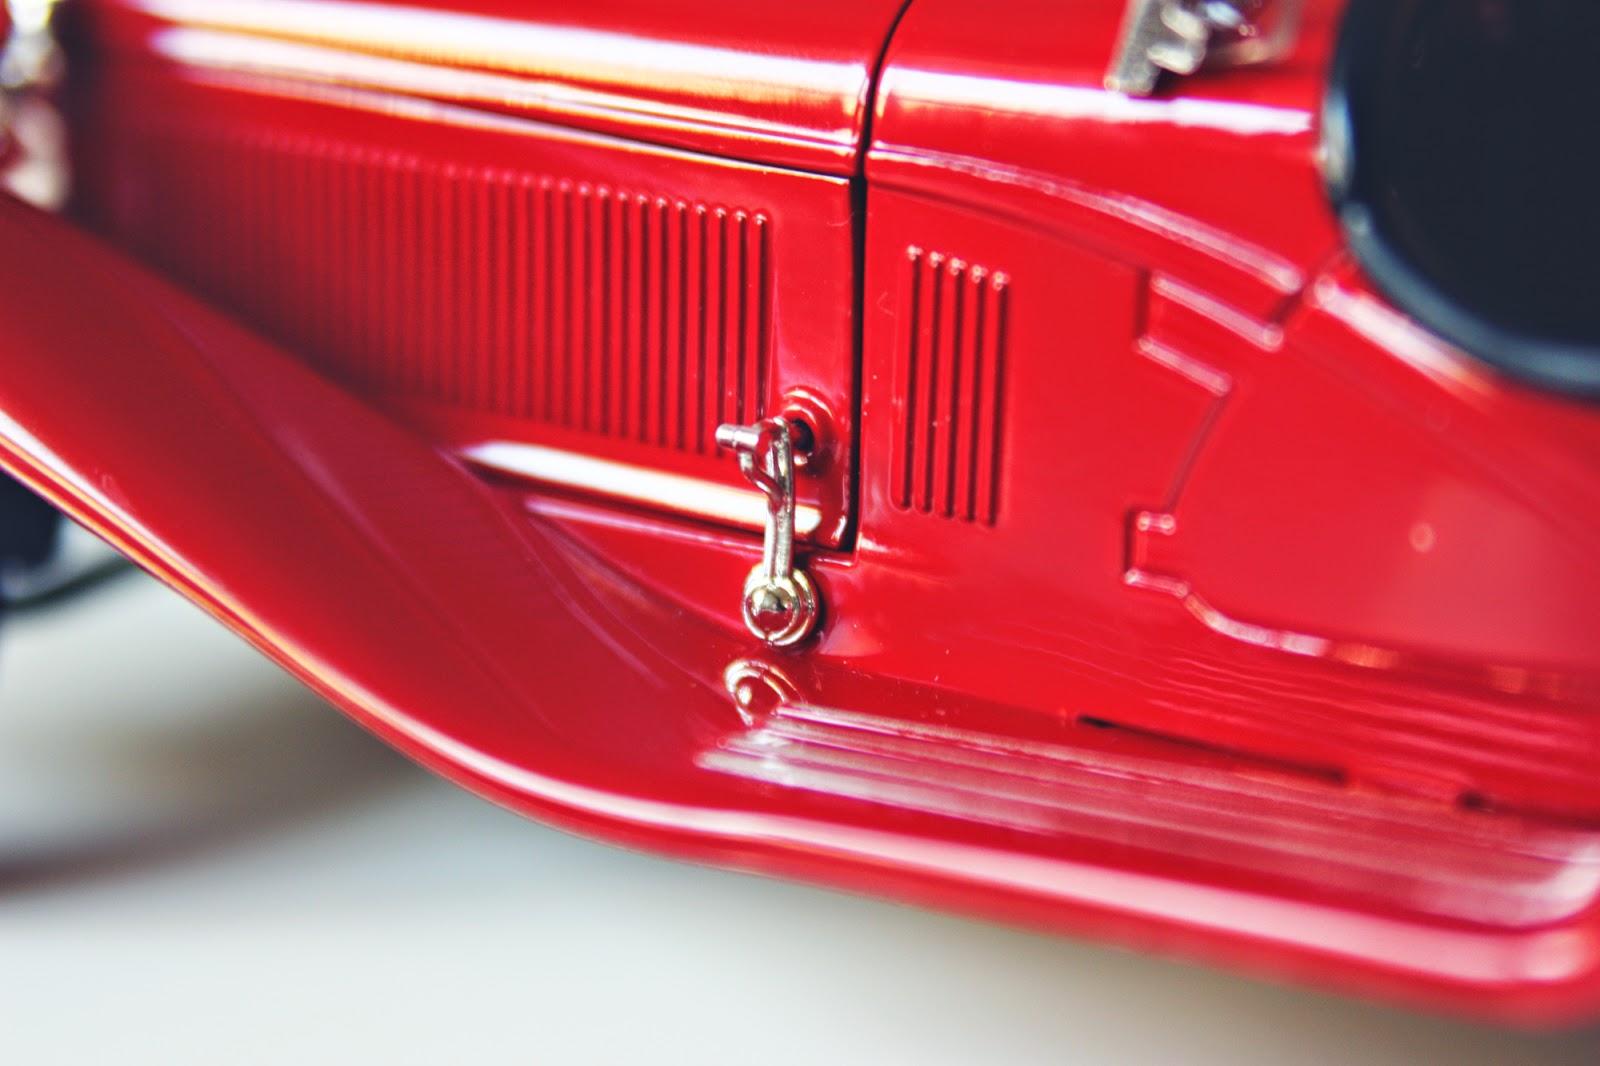 1/18 Bburago 1932 Alfa Romeo 8C 2300 Spider Touring